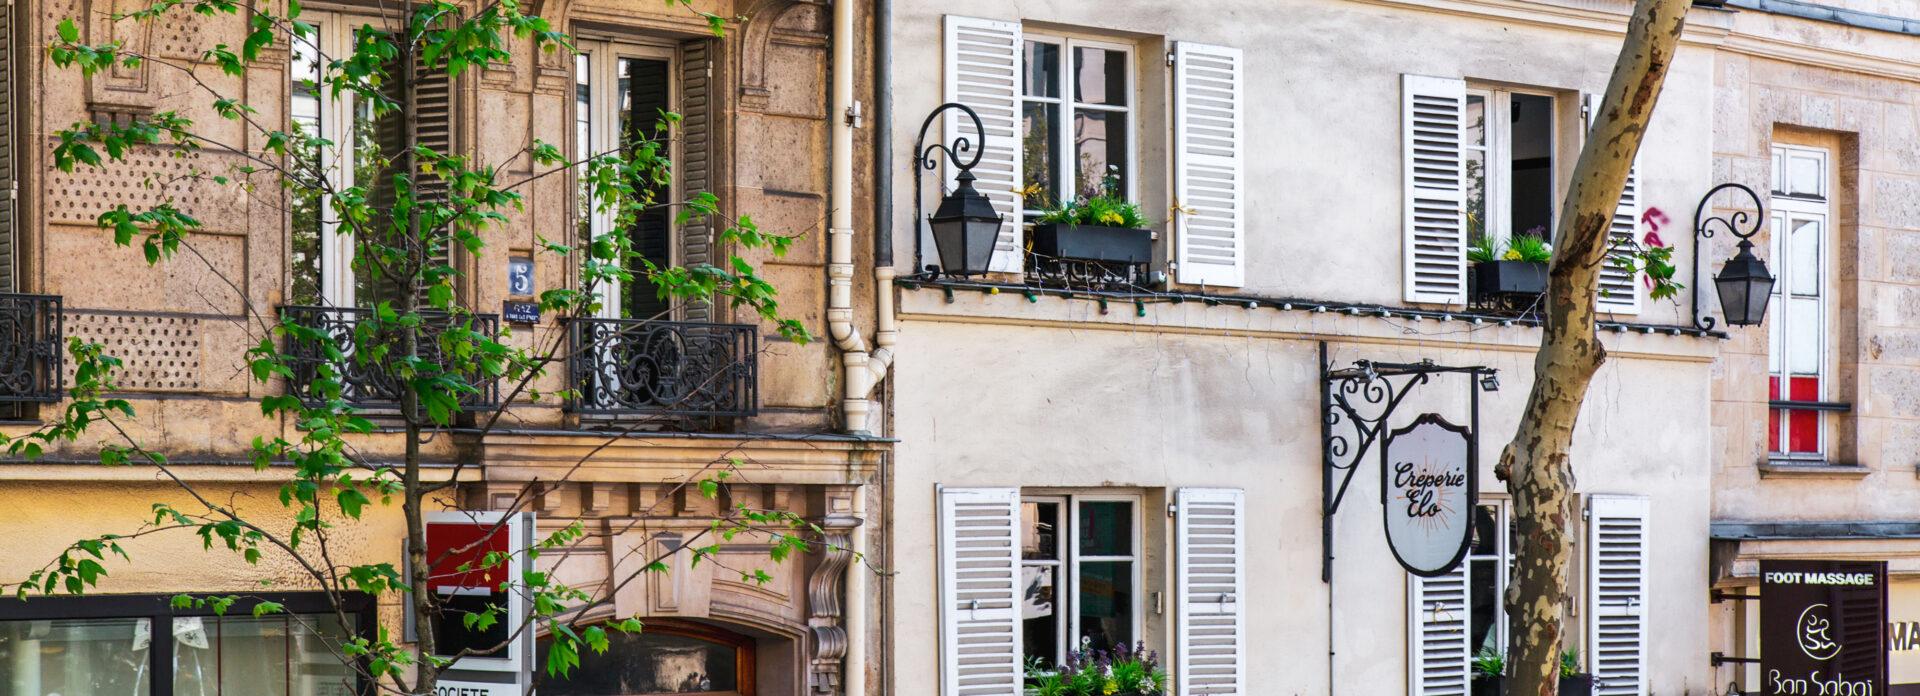 Tips for a finne leilighet i Paris guide flytte